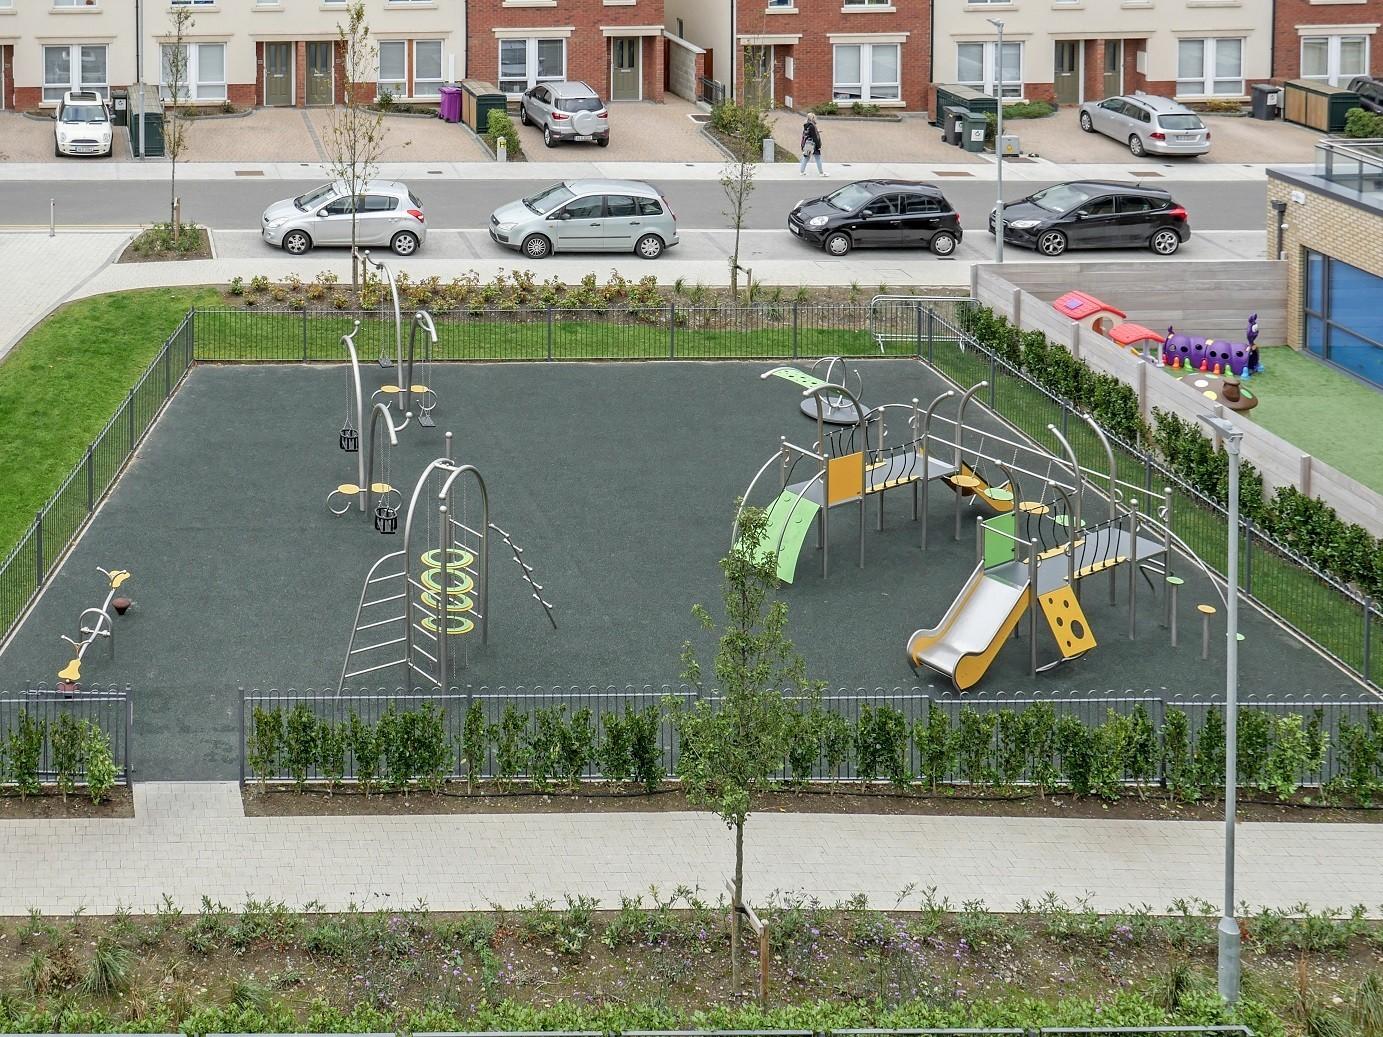 Play Park Blog Picture Place zabaw z atestem - jakie wymogi powinien spełniać nowoczesny plac zabaw?